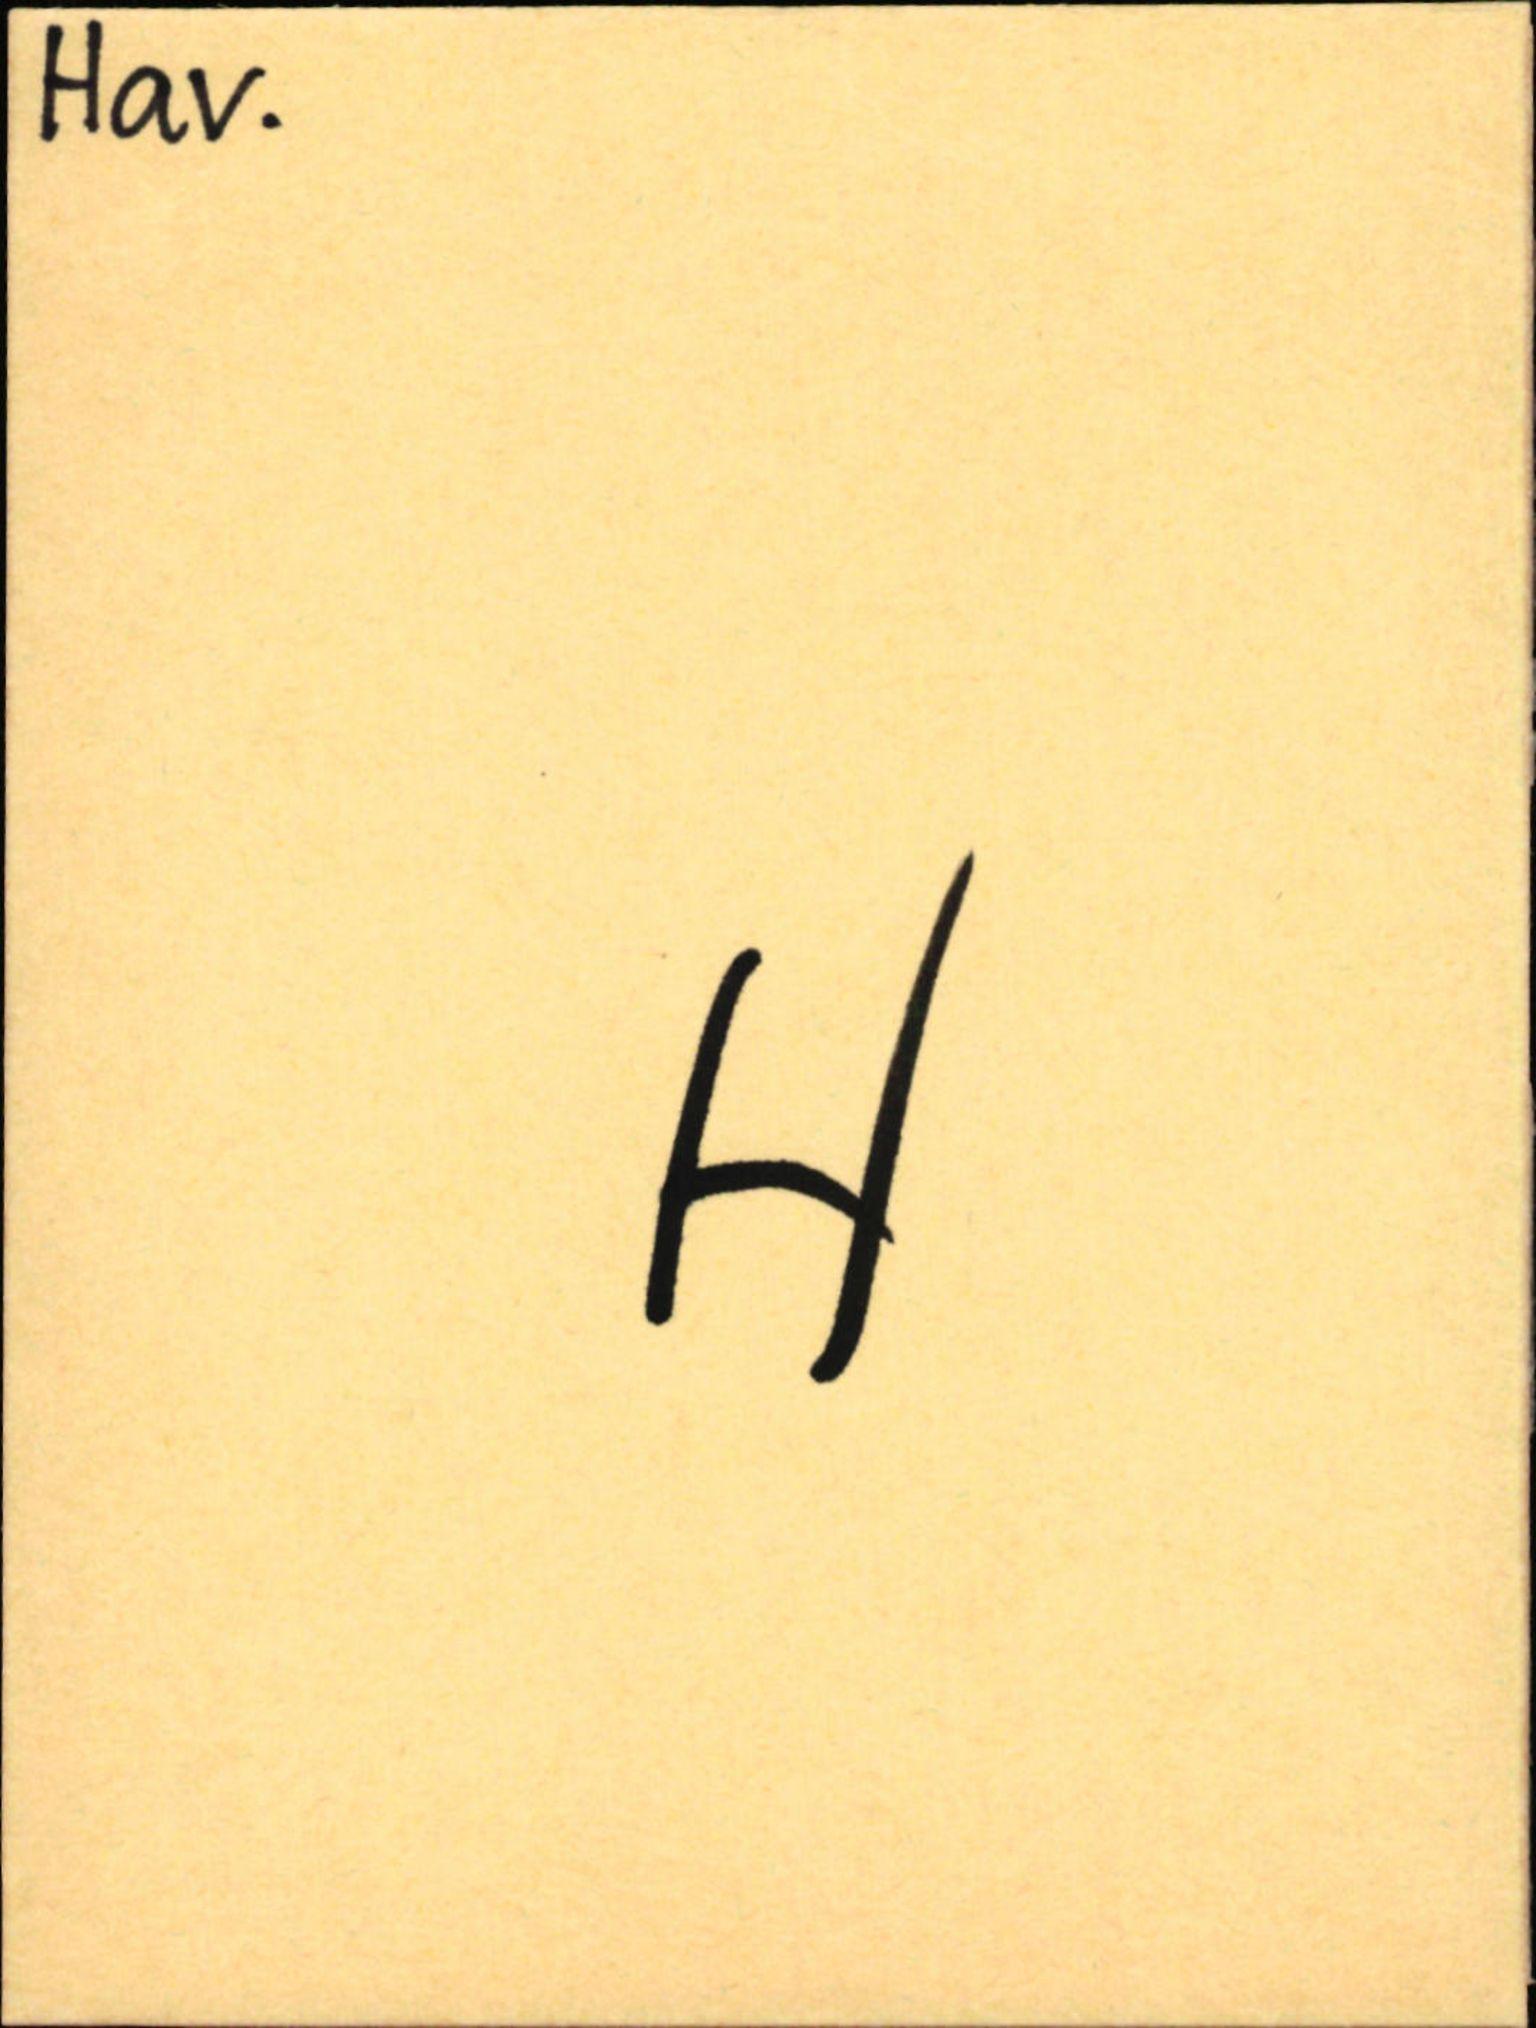 SAB, Statens vegvesen, Hordaland vegkontor, Ha/L0021: R-eierkort H, 1920-1971, s. 1